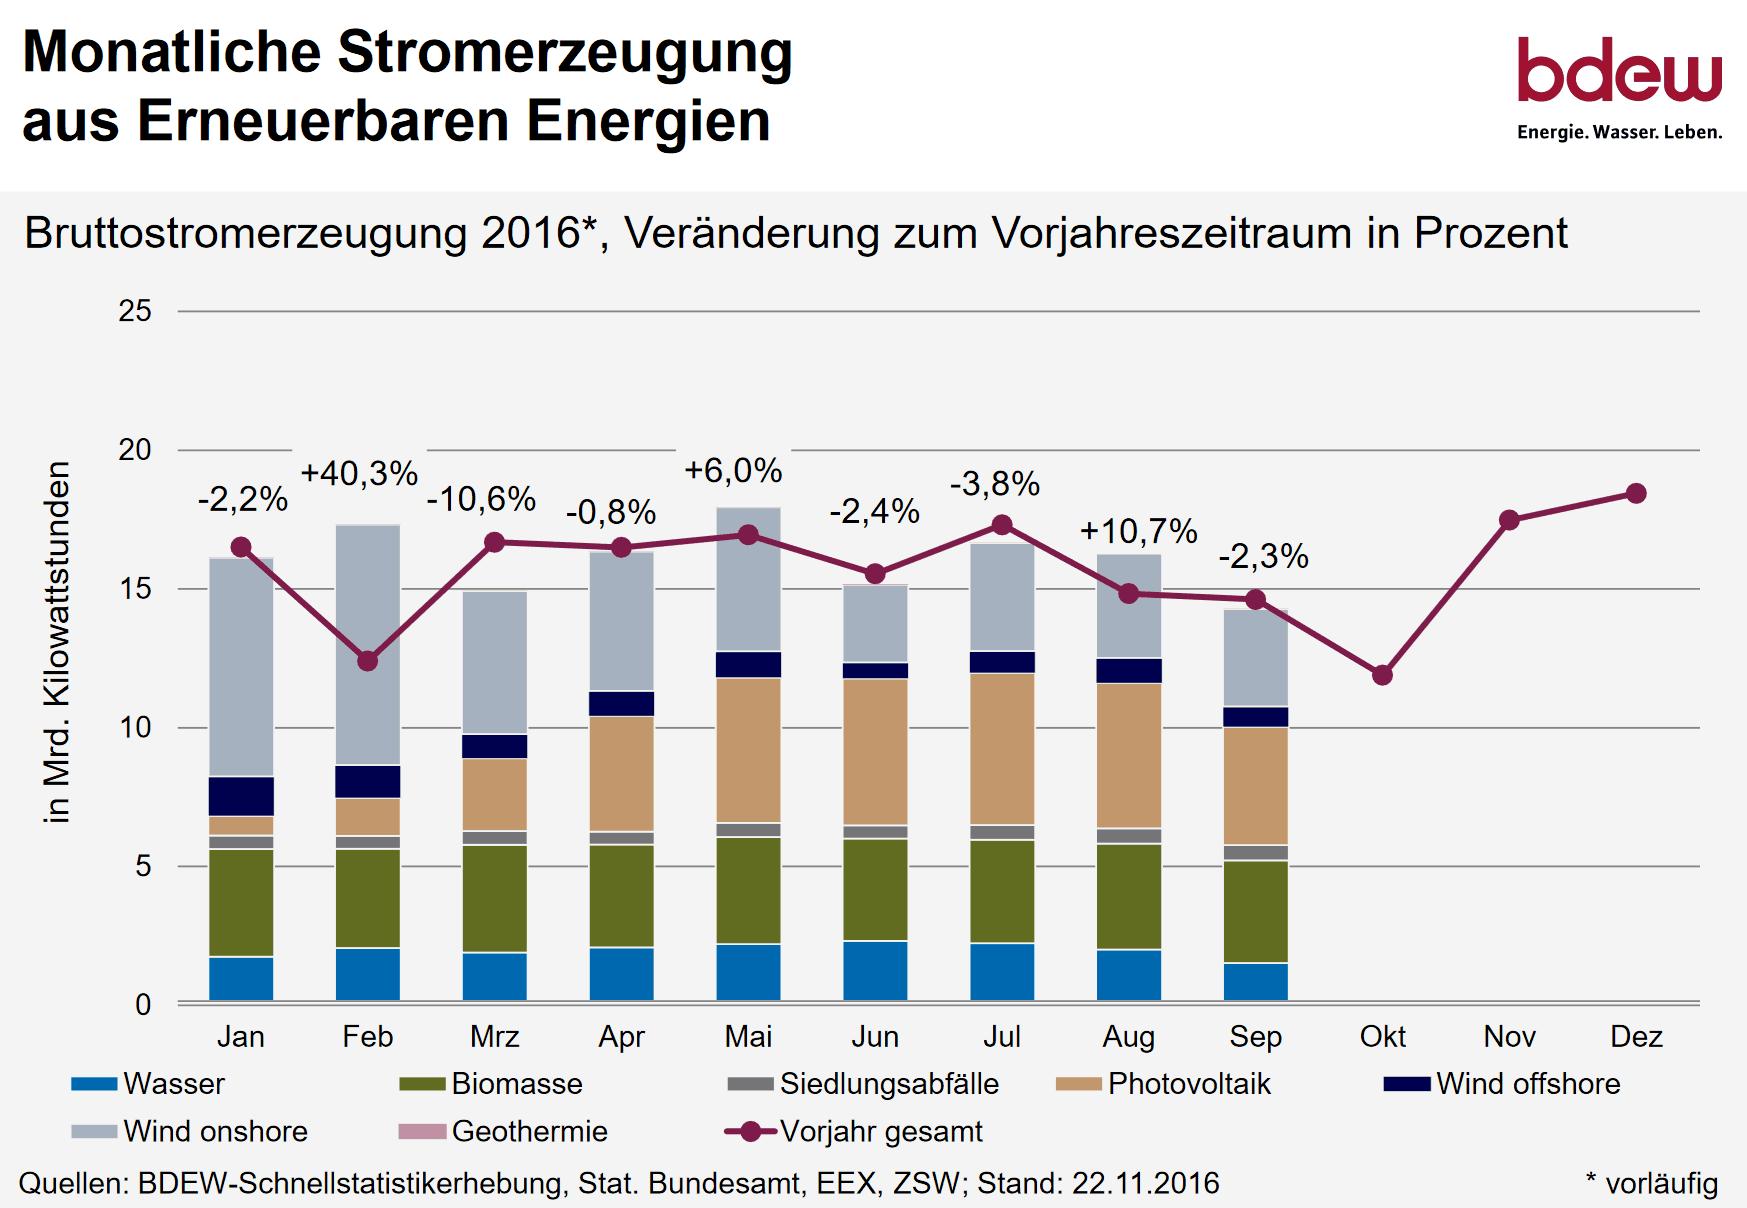 Nice Anteil Der Erneuerbaren Energien Am Stromverbrauch Liegt 2016 Bei Rund 32%